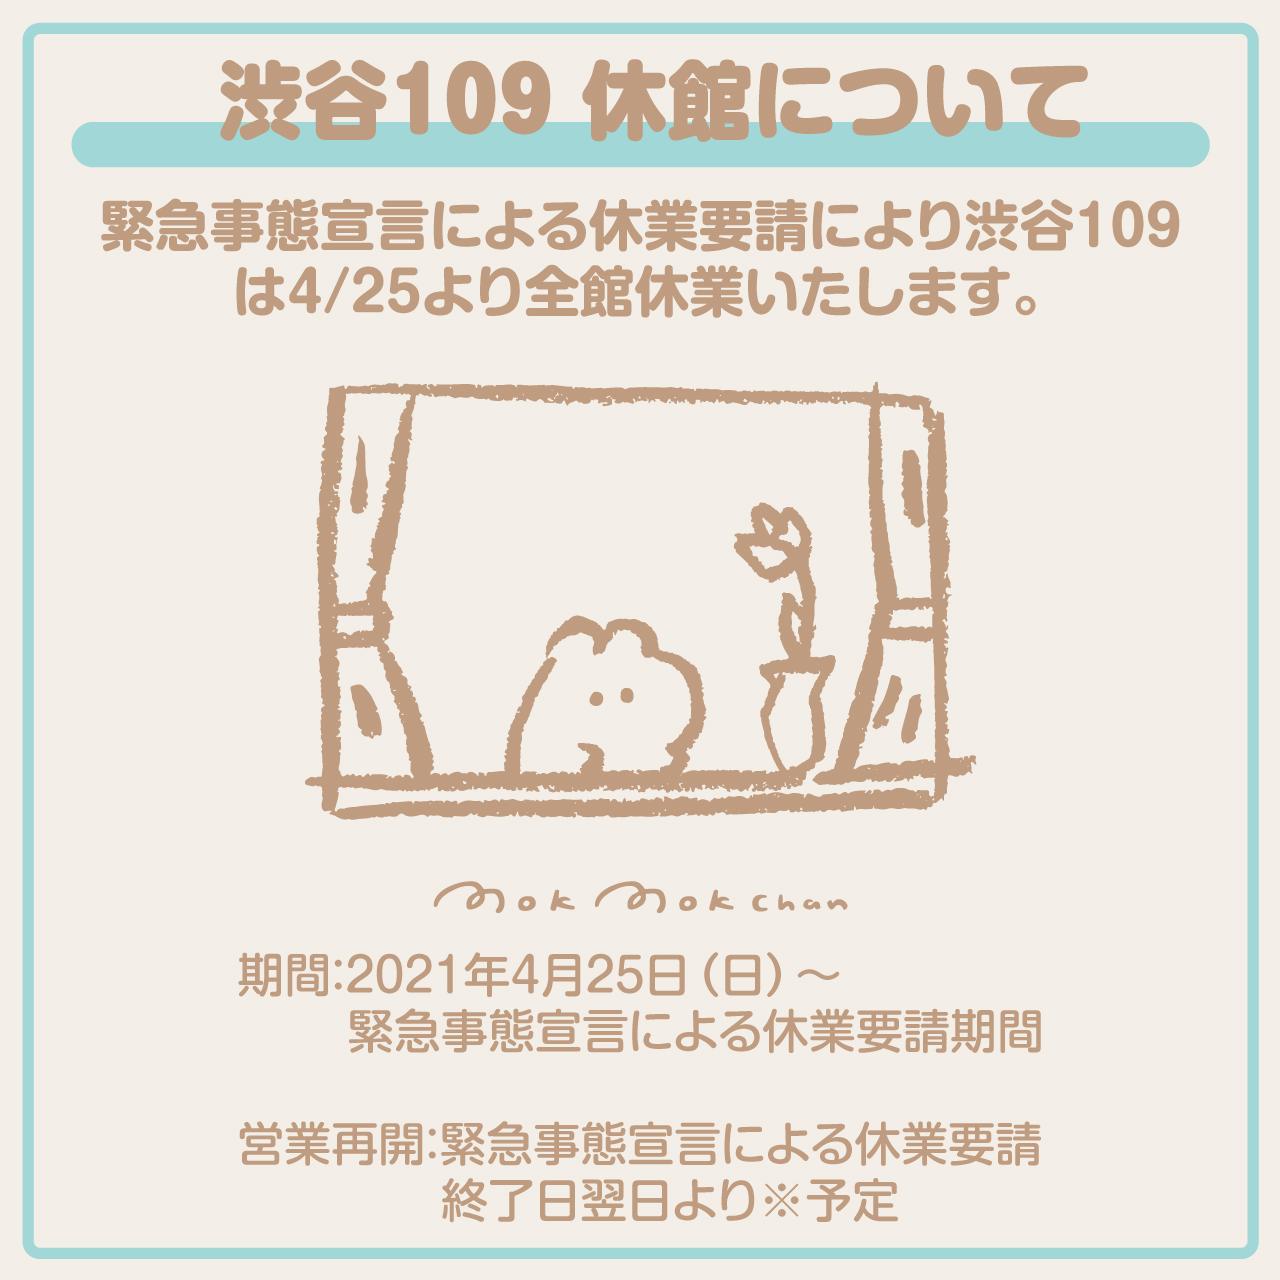 緊急事態宣言による休業要請により4/25から渋谷109は全館休業いたします。